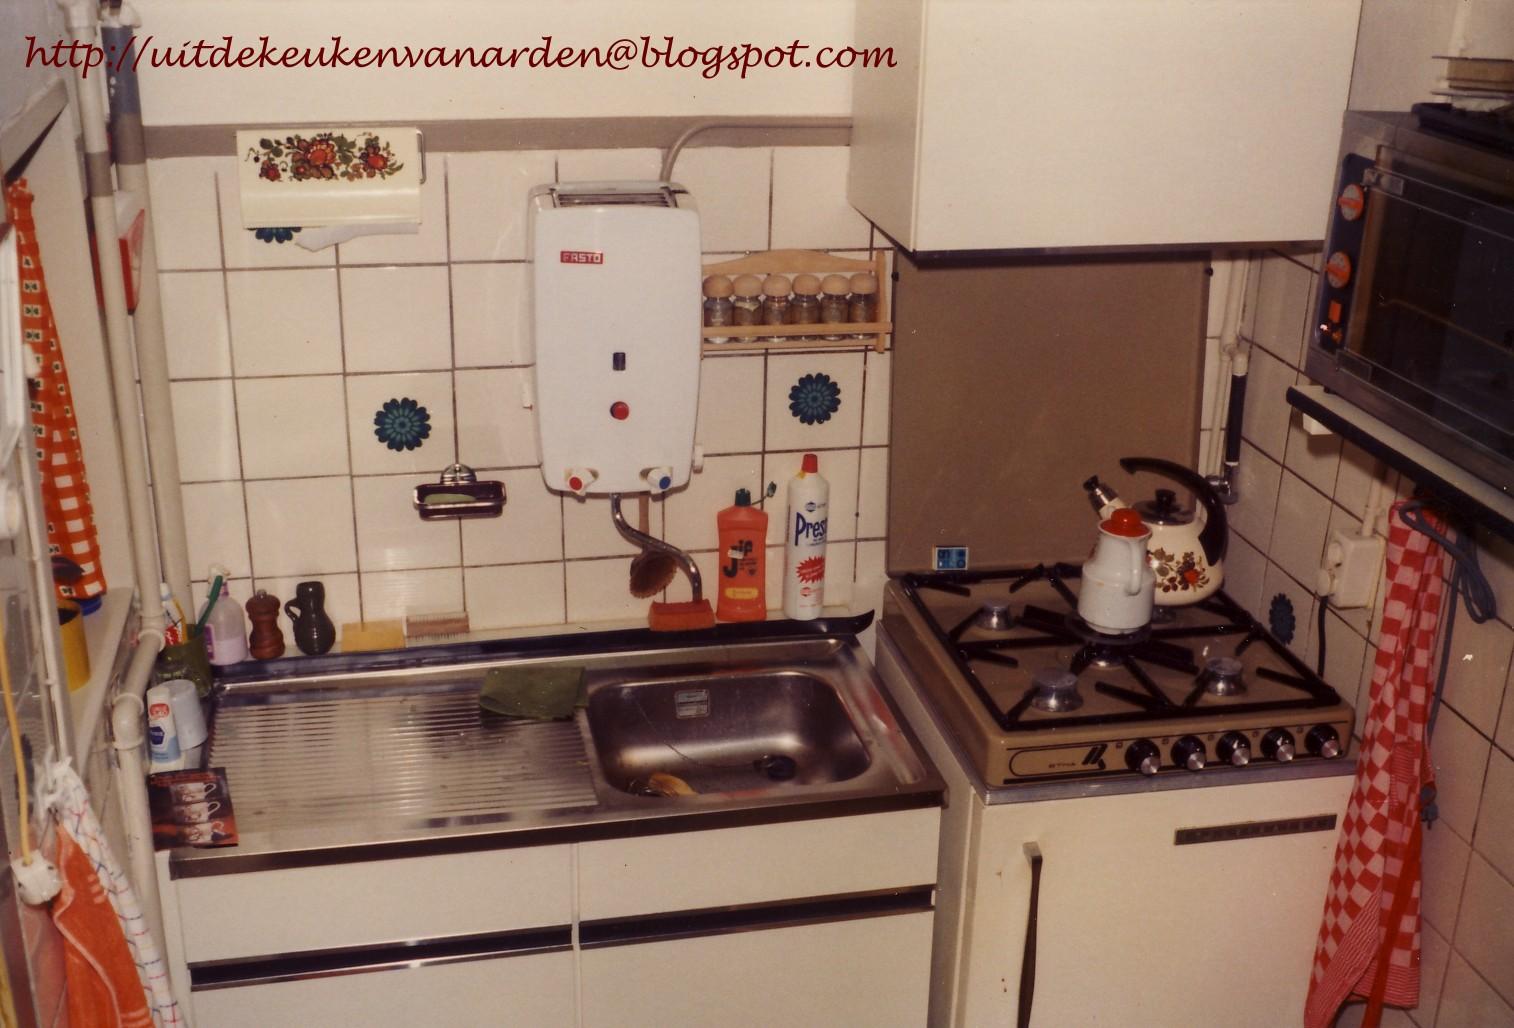 [!e+keuken]